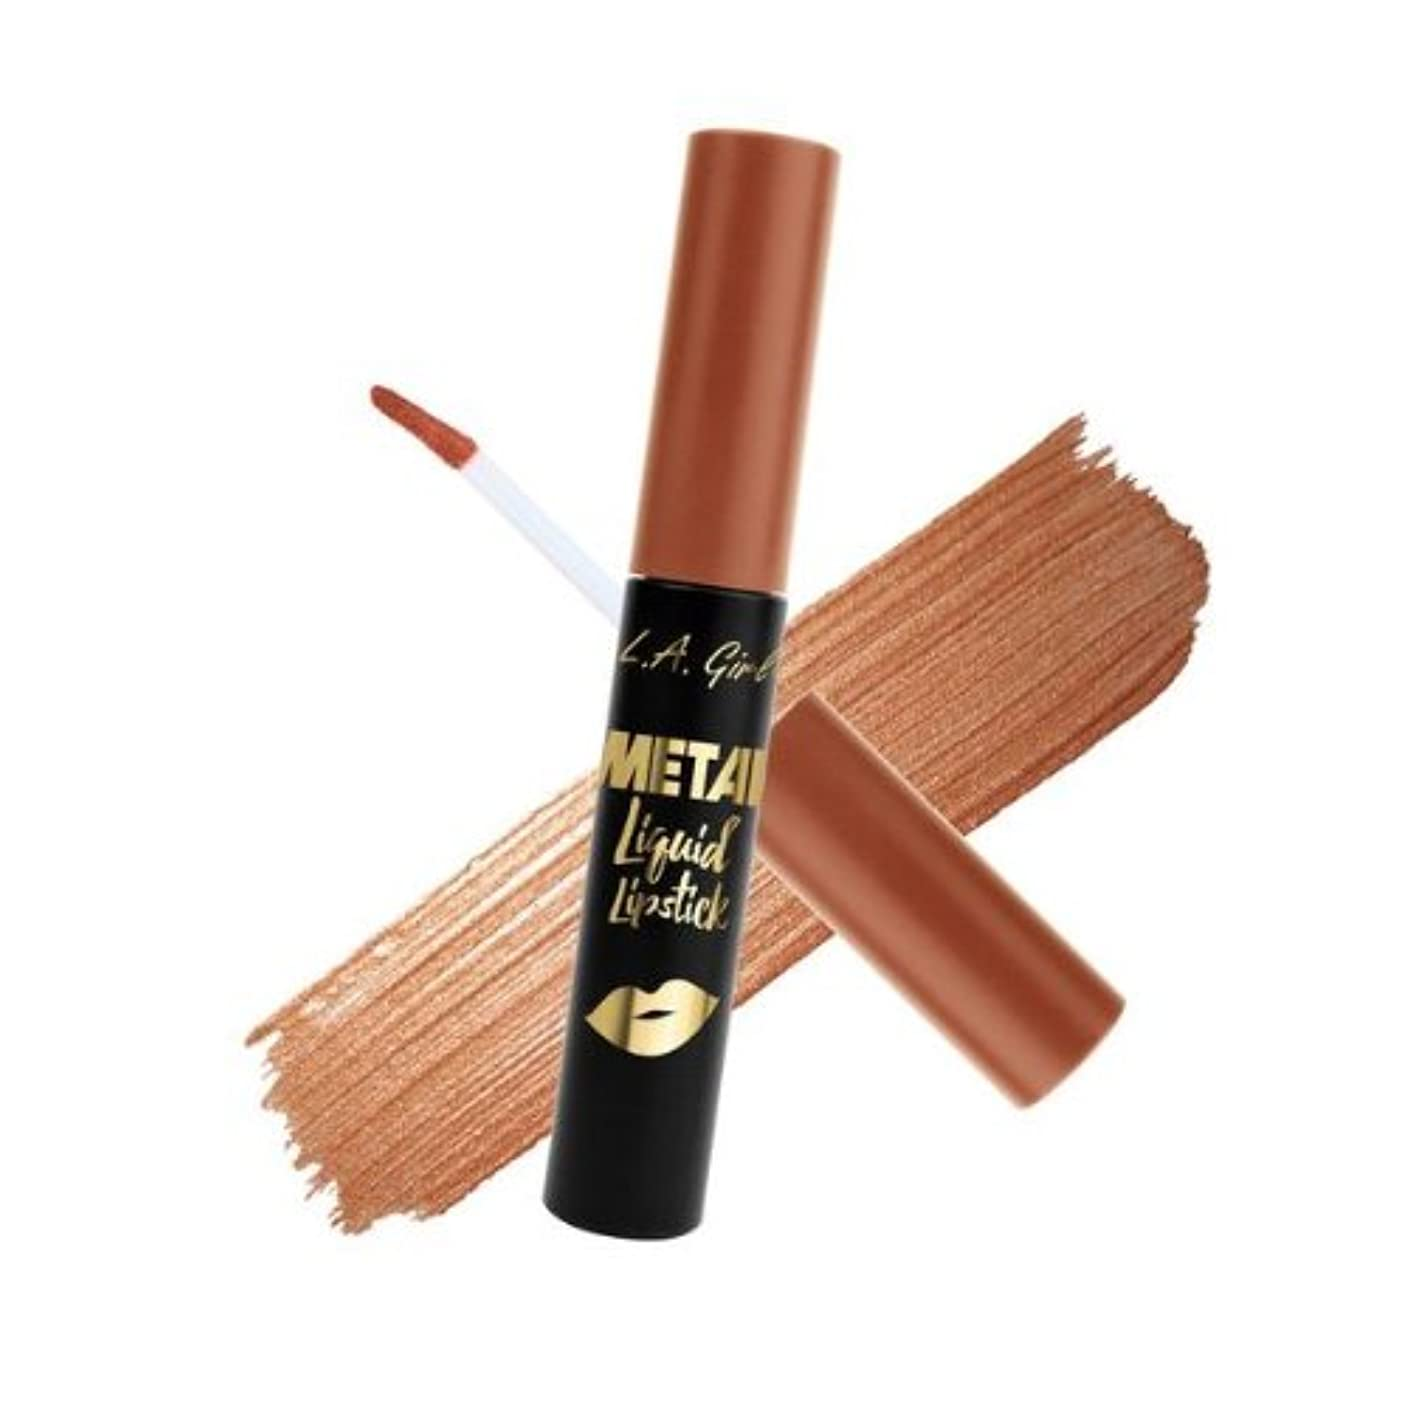 (6 Pack) L.A. GIRL Metal Liquid Lipstick - Copper (並行輸入品)